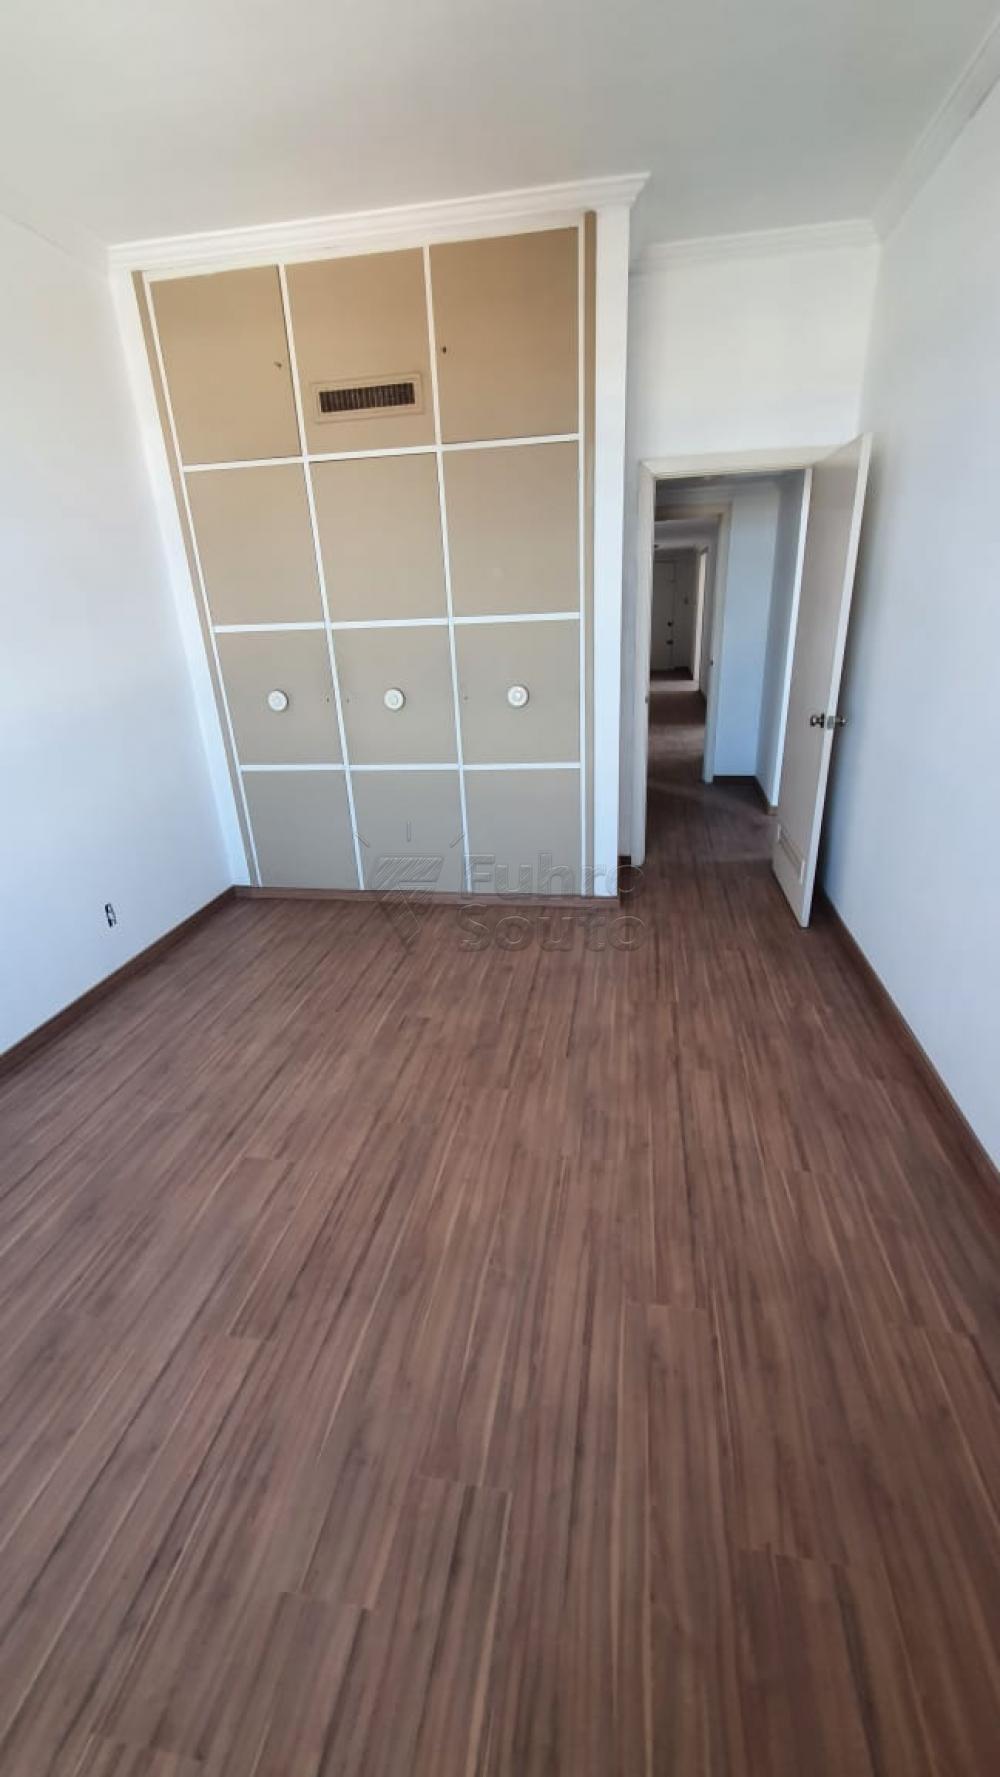 Comprar Apartamento / Padrão em Pelotas R$ 420.000,00 - Foto 13